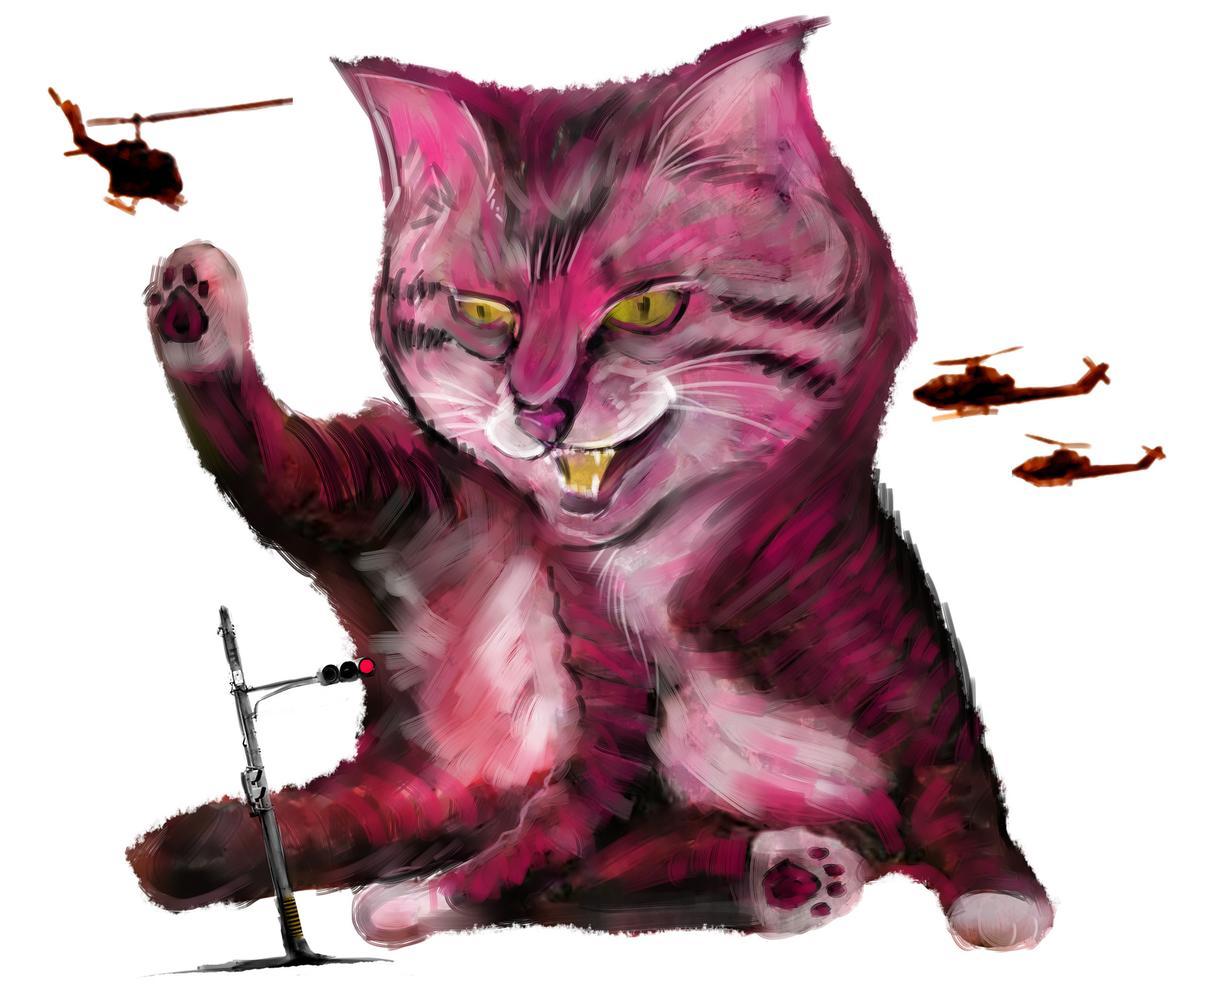 迫力的ペット絵描きます 猛獣的に描くよ猛獣的に描くよ猛獣的に描くよ猛獣的に描くよ